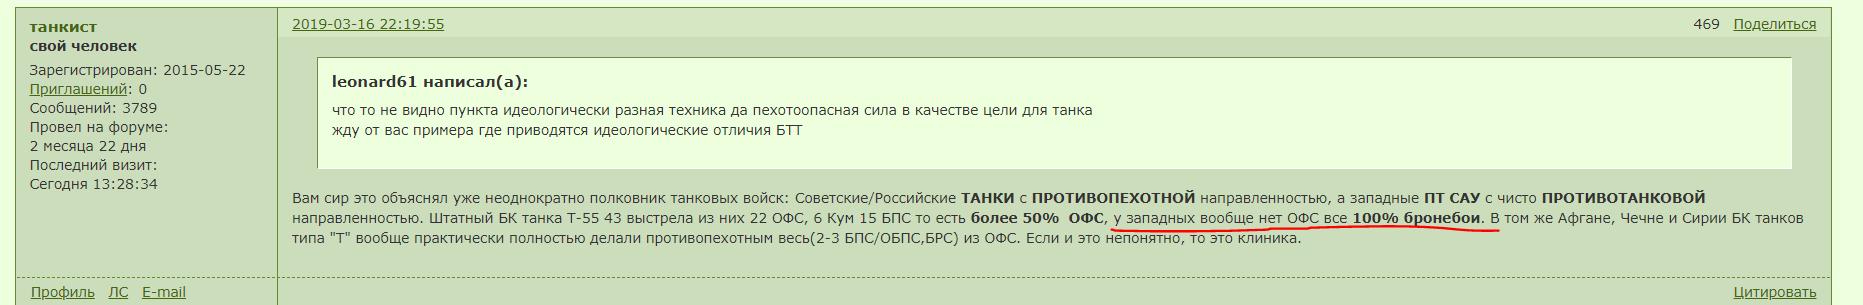 https://images.vfl.ru/ii/1553248416/79ab5f8f/25871646.png